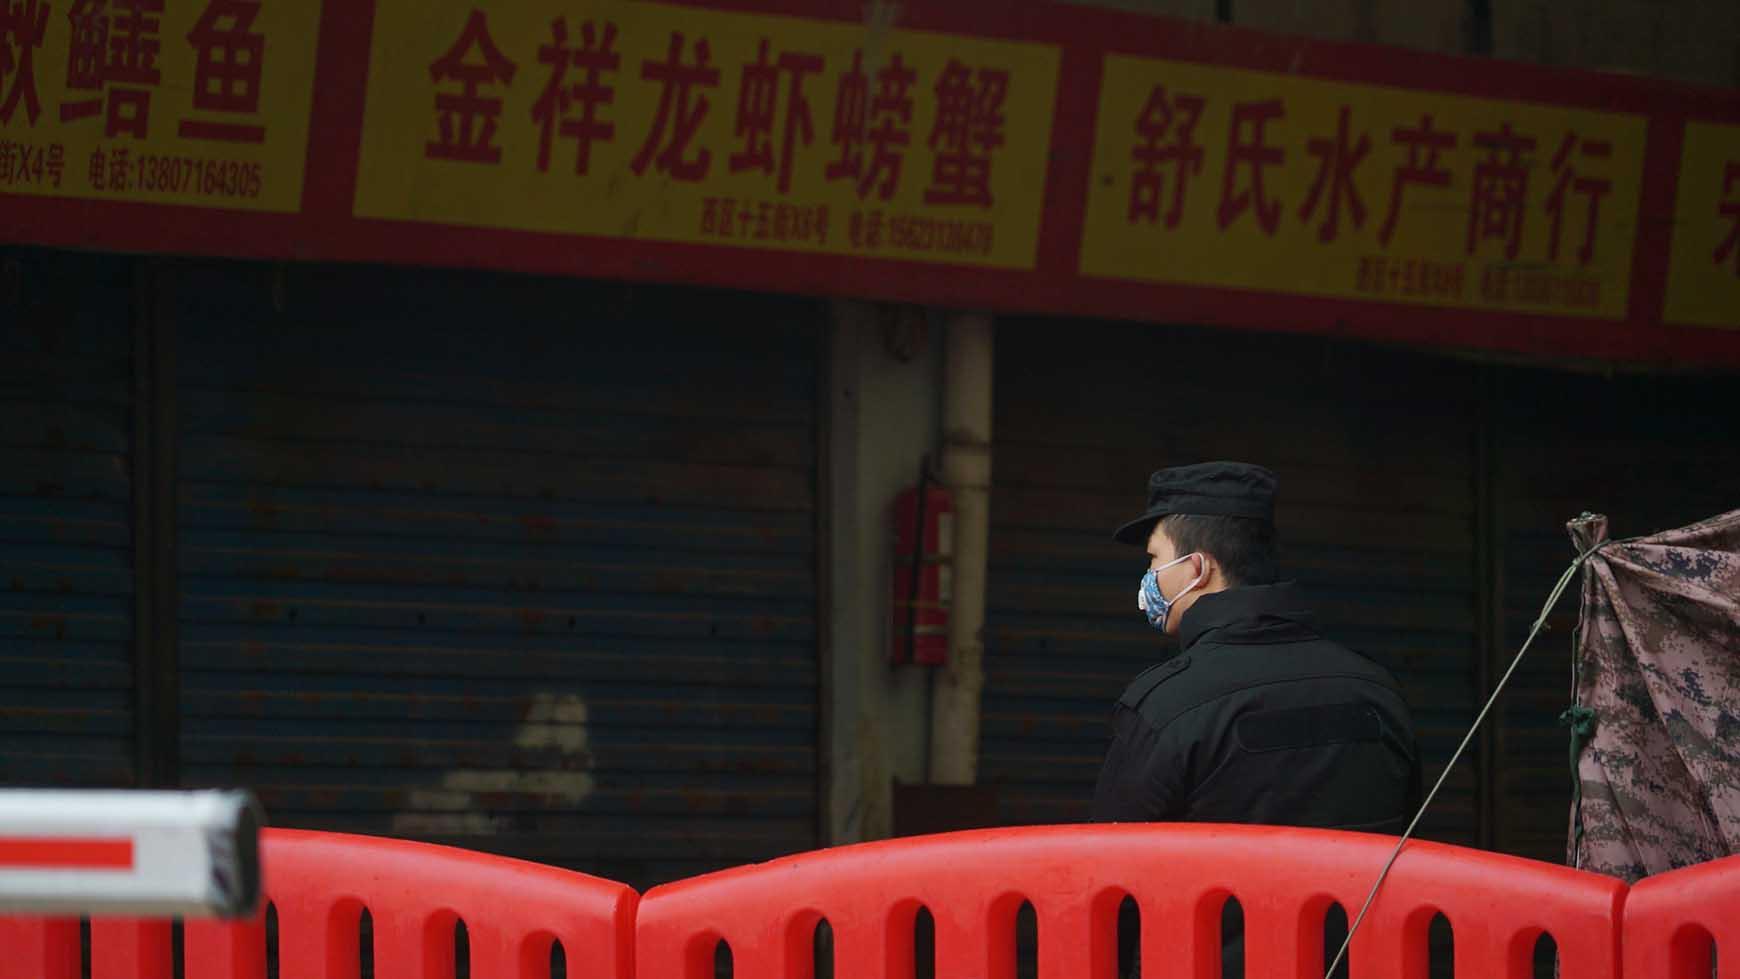 警察在多個民衆查出感染武漢肺炎的一個武漢農貿市場外執勤。(美聯社)